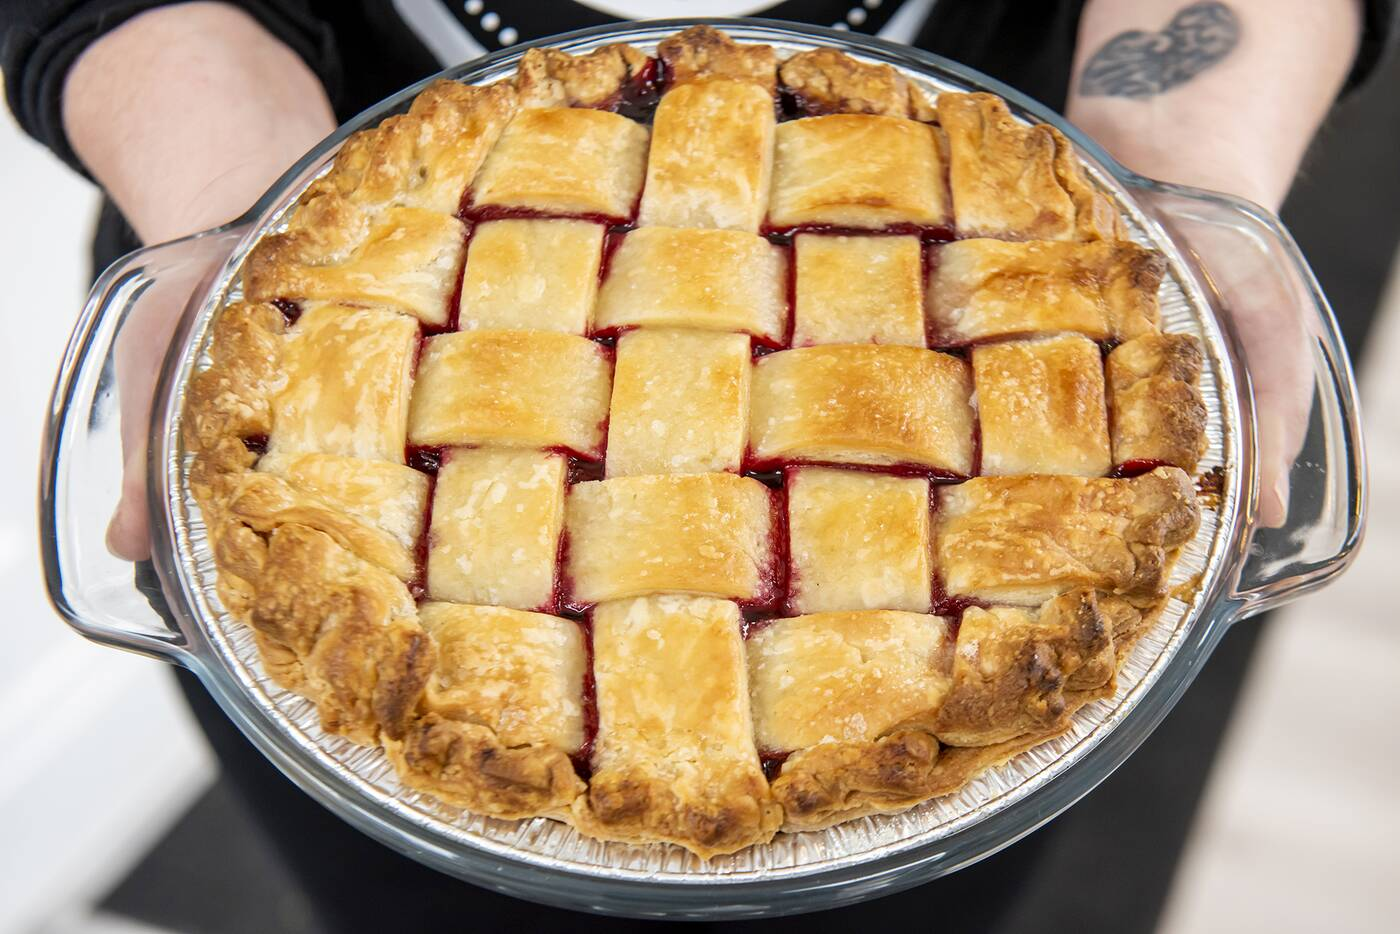 sweetie pie toronto